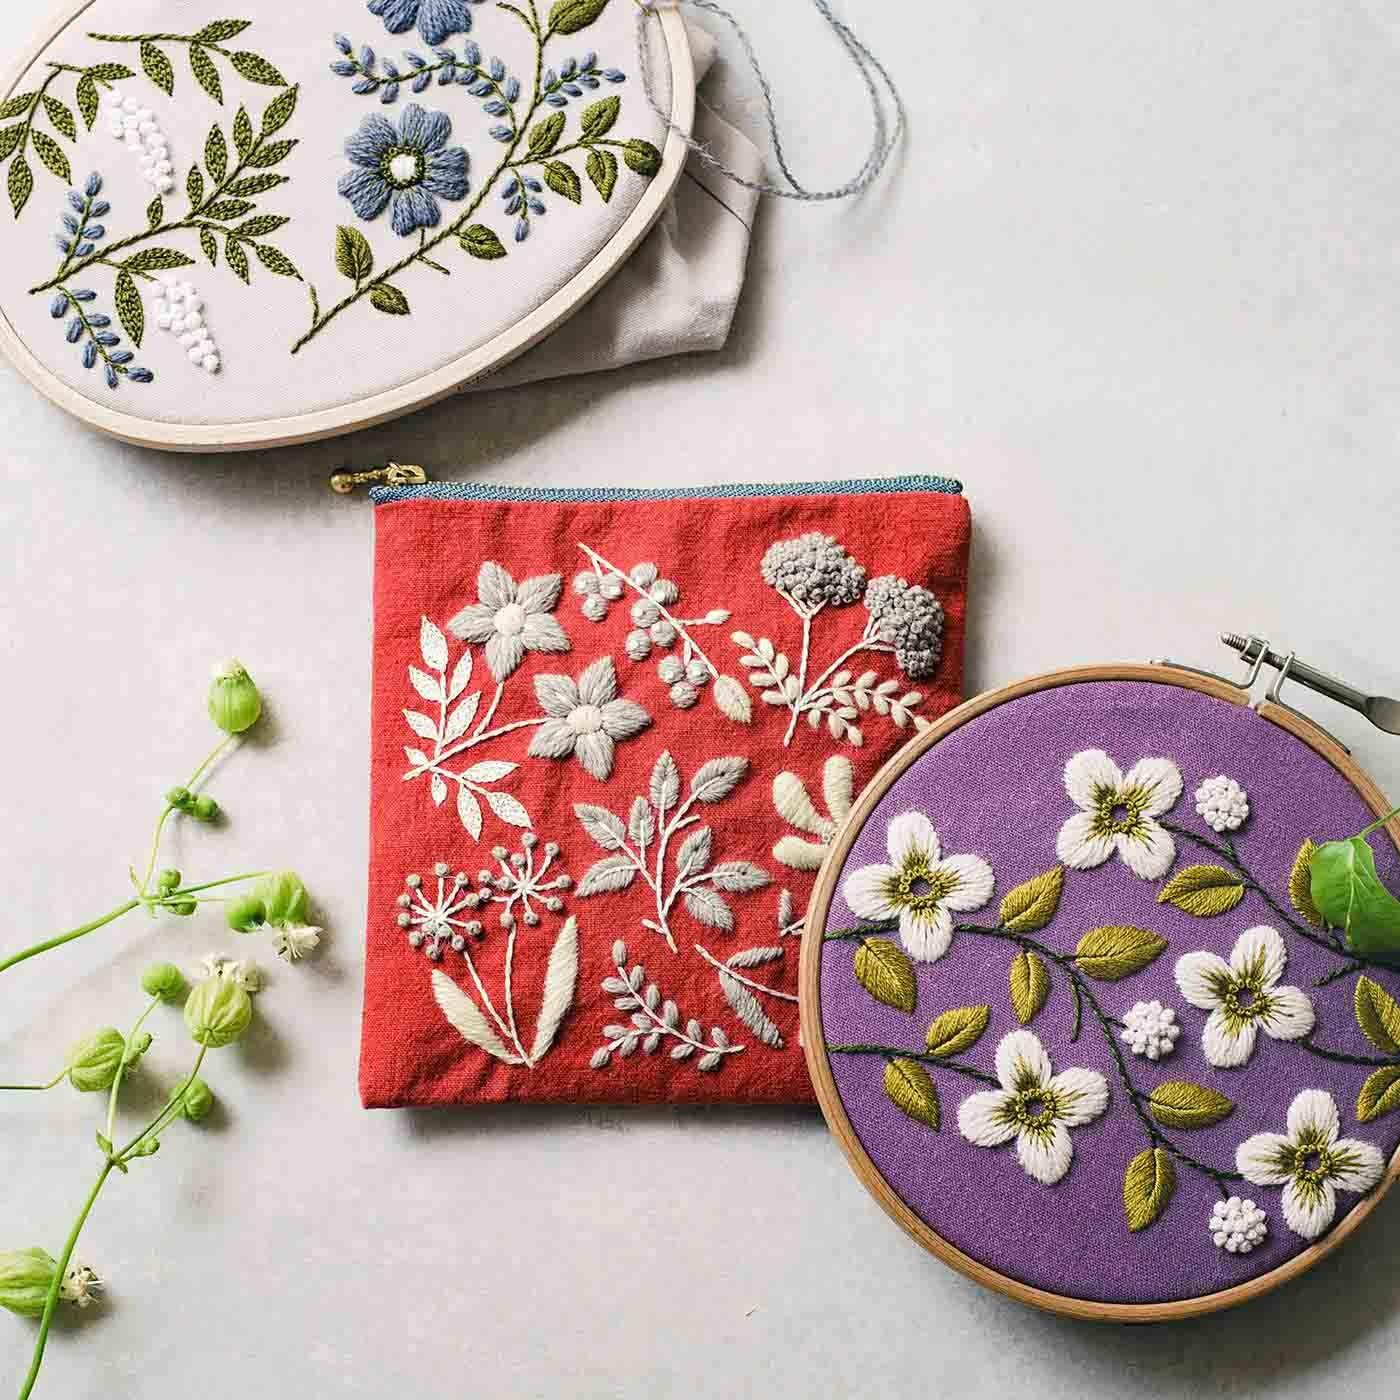 ガーデンを彩る花々 心ときめくウール刺しゅうのポーチの会